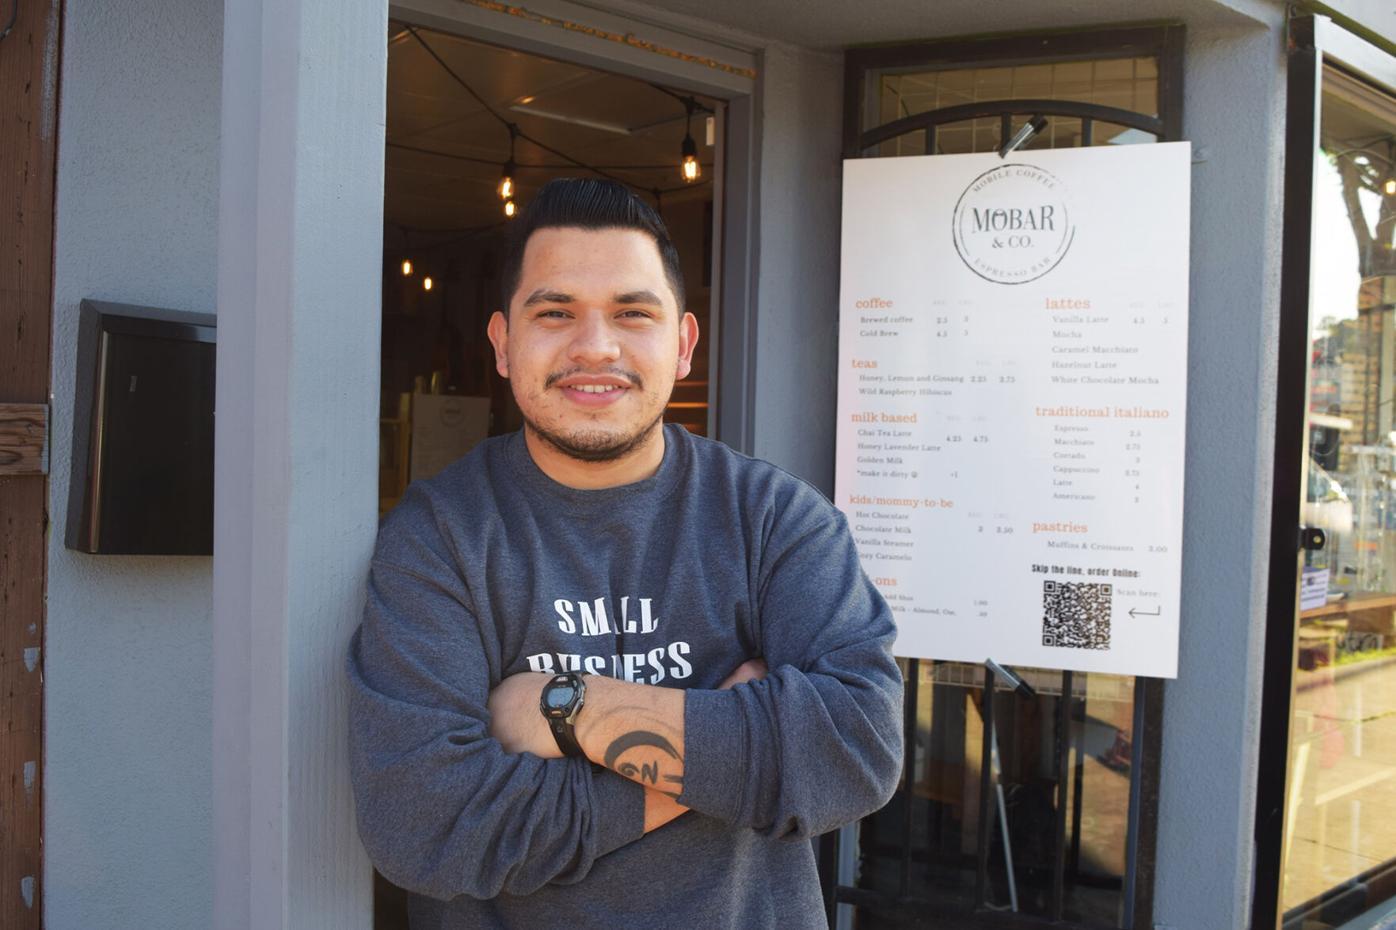 Mobar - Luis Moreno, owner,